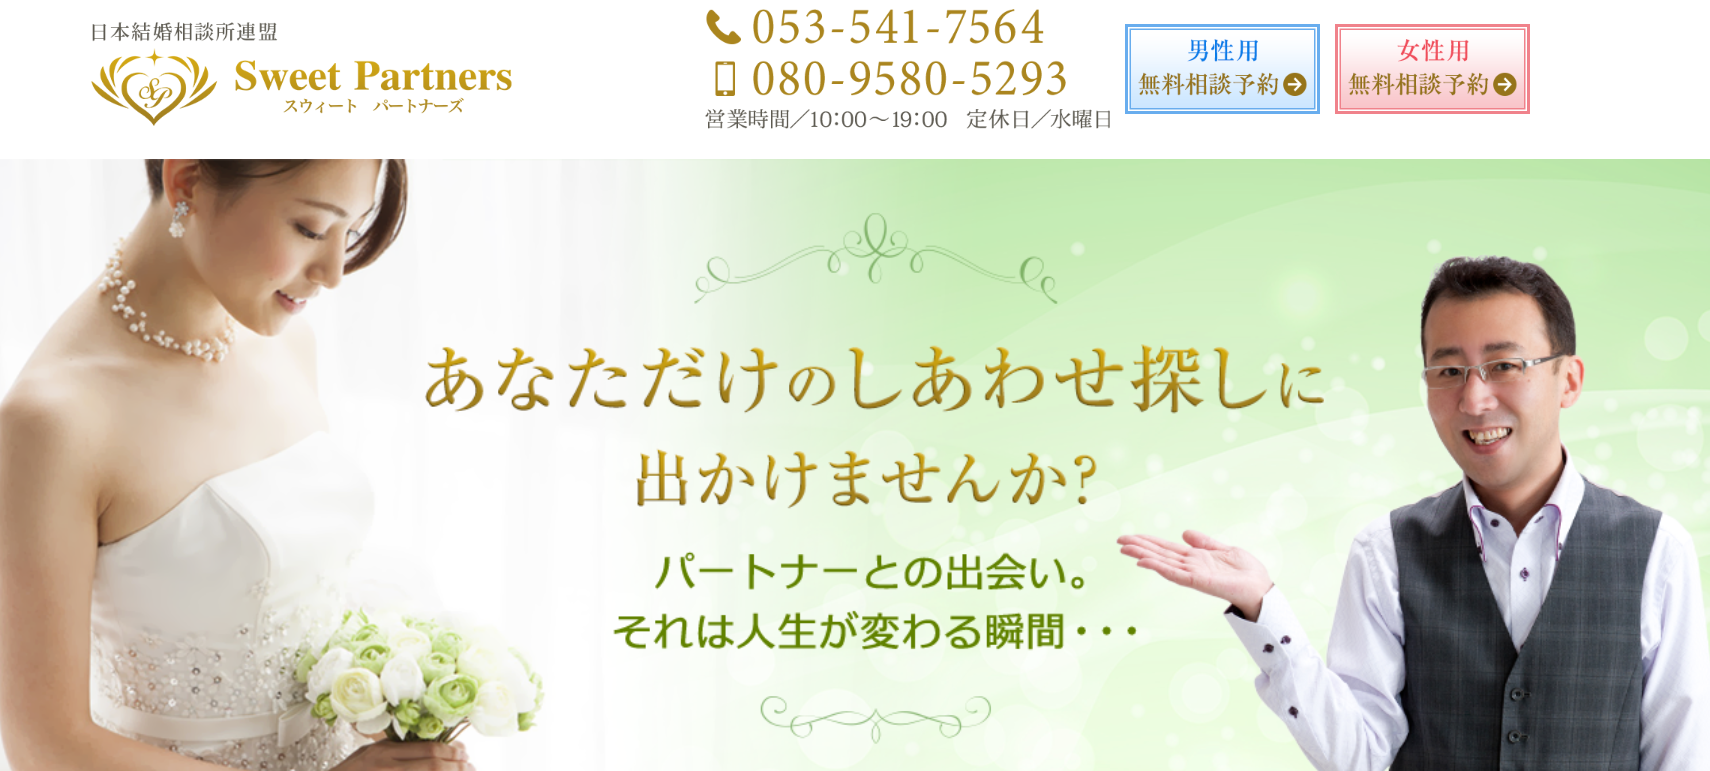 静岡県 結婚相談所 スウィートパートナーズ